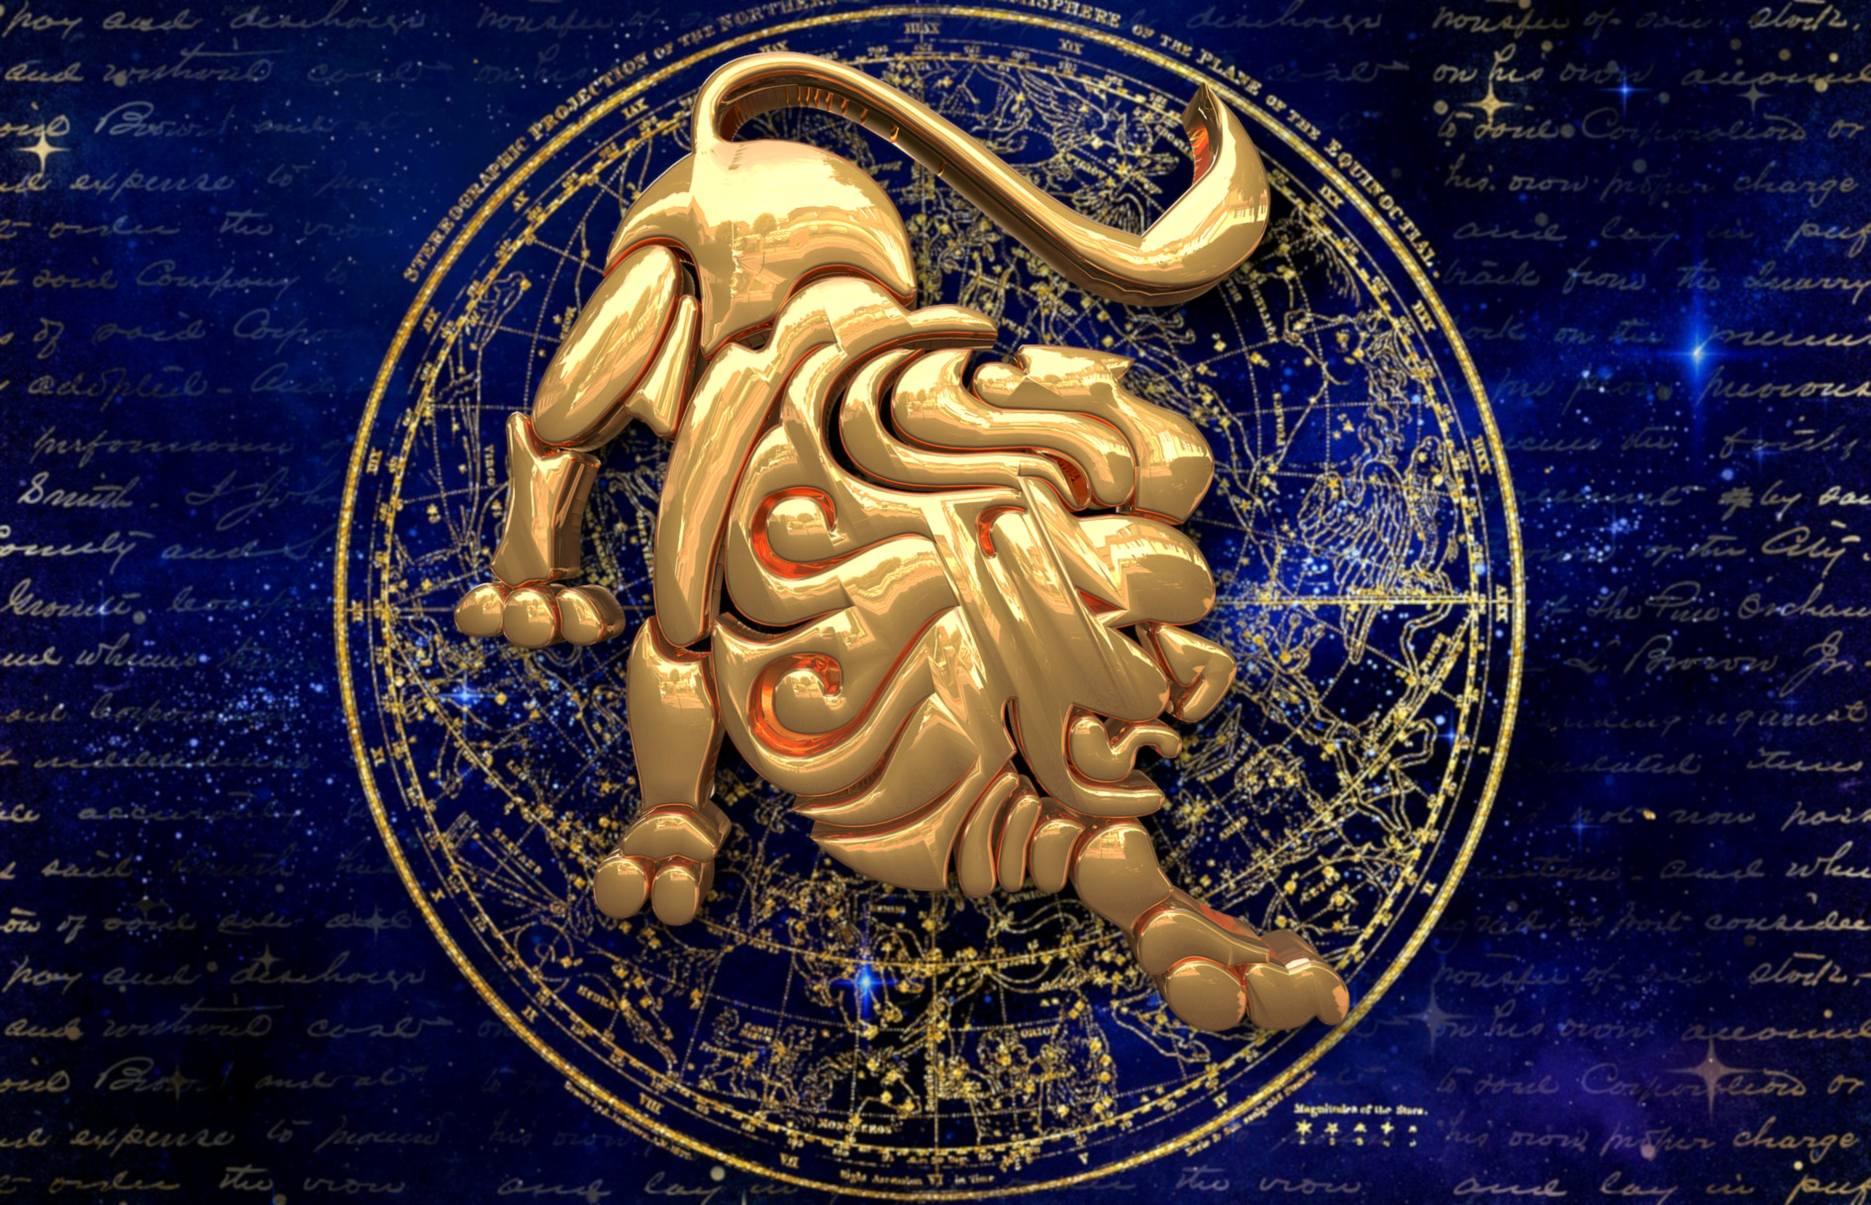 Картинки знаки зодиака для в контакте